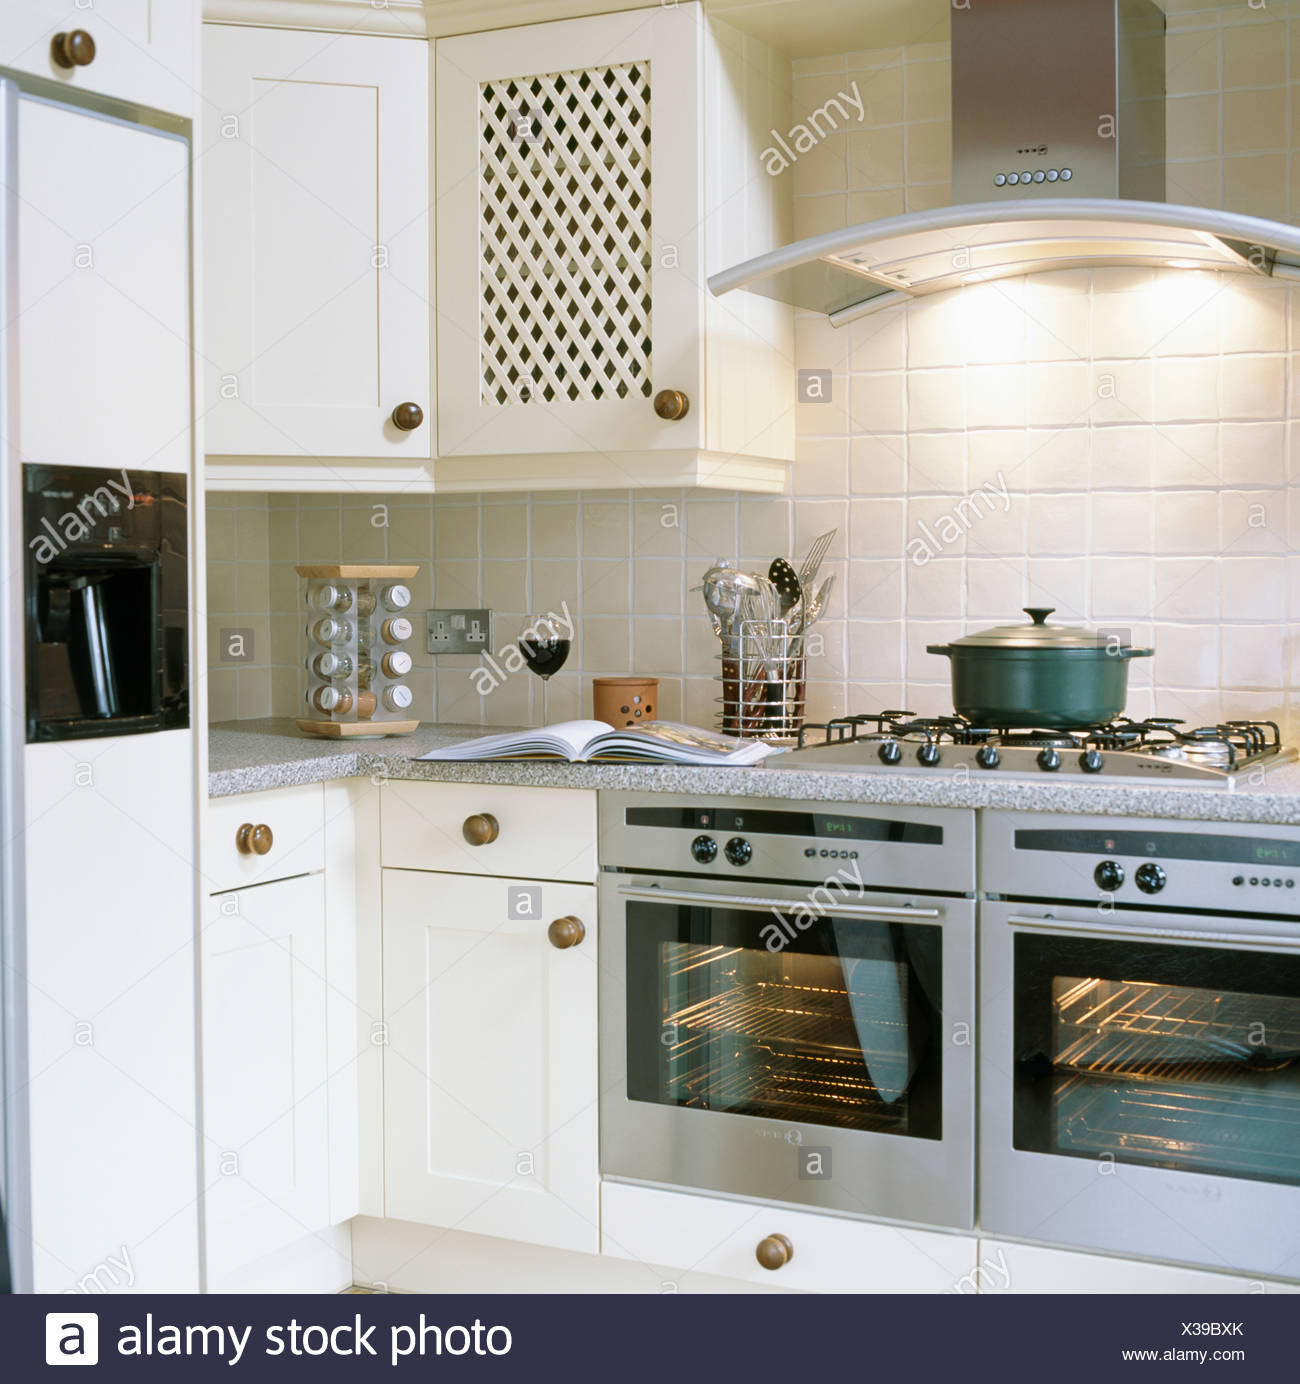 Beleuchtete Chrome Extraktor über Edelstahl Doppel Öfen In Weiße Küche Mit Amerikanischem  Kühlschrank